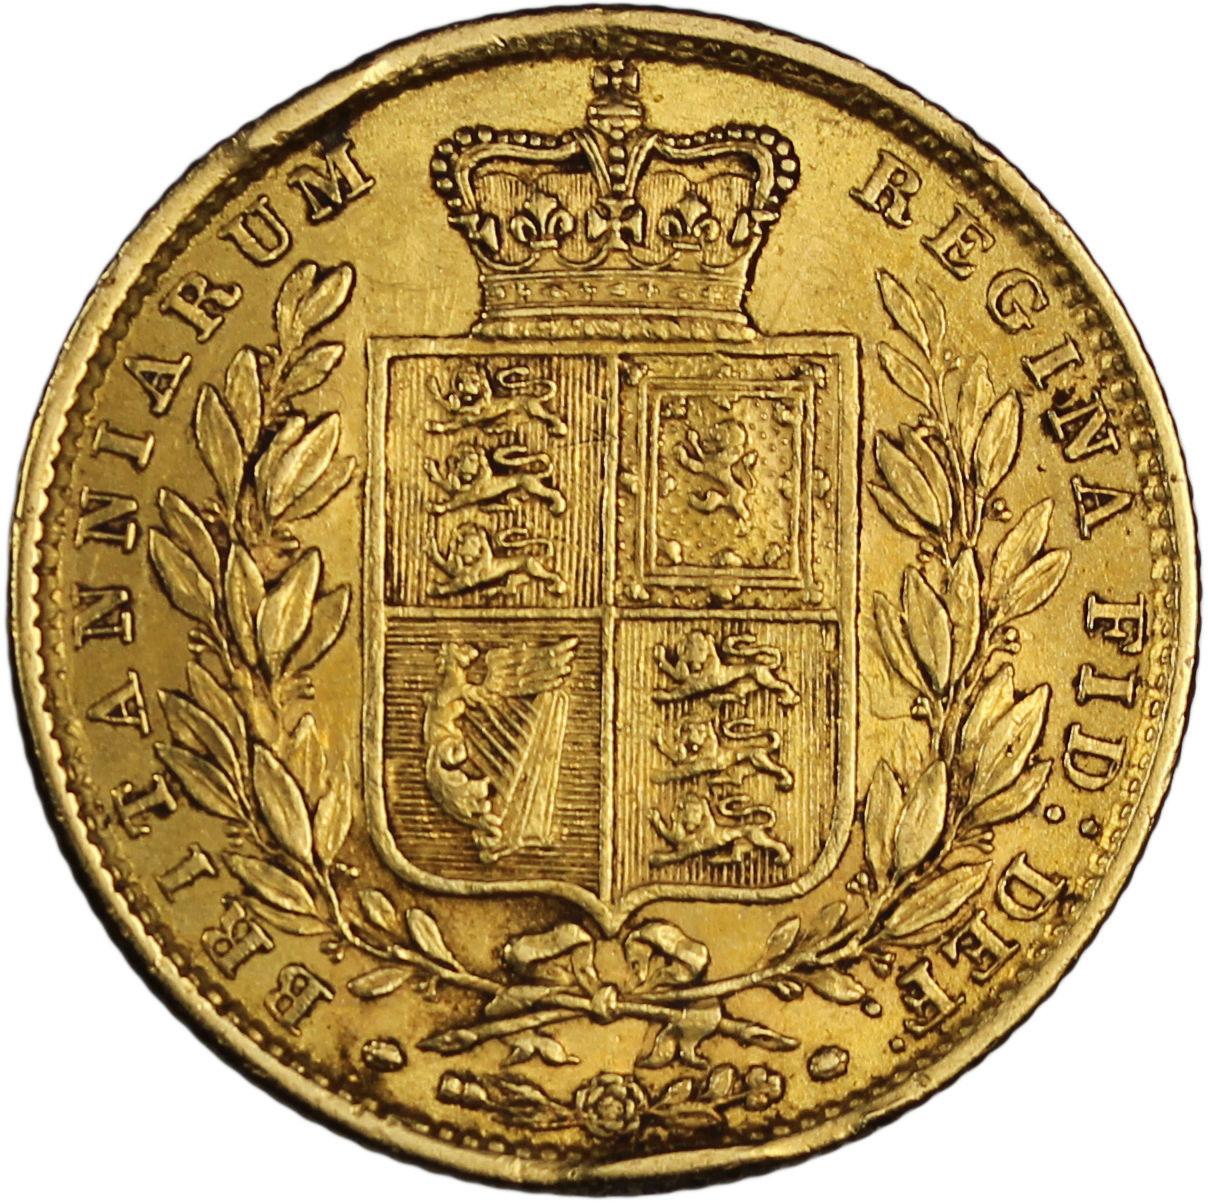 1850 Βικτώρια